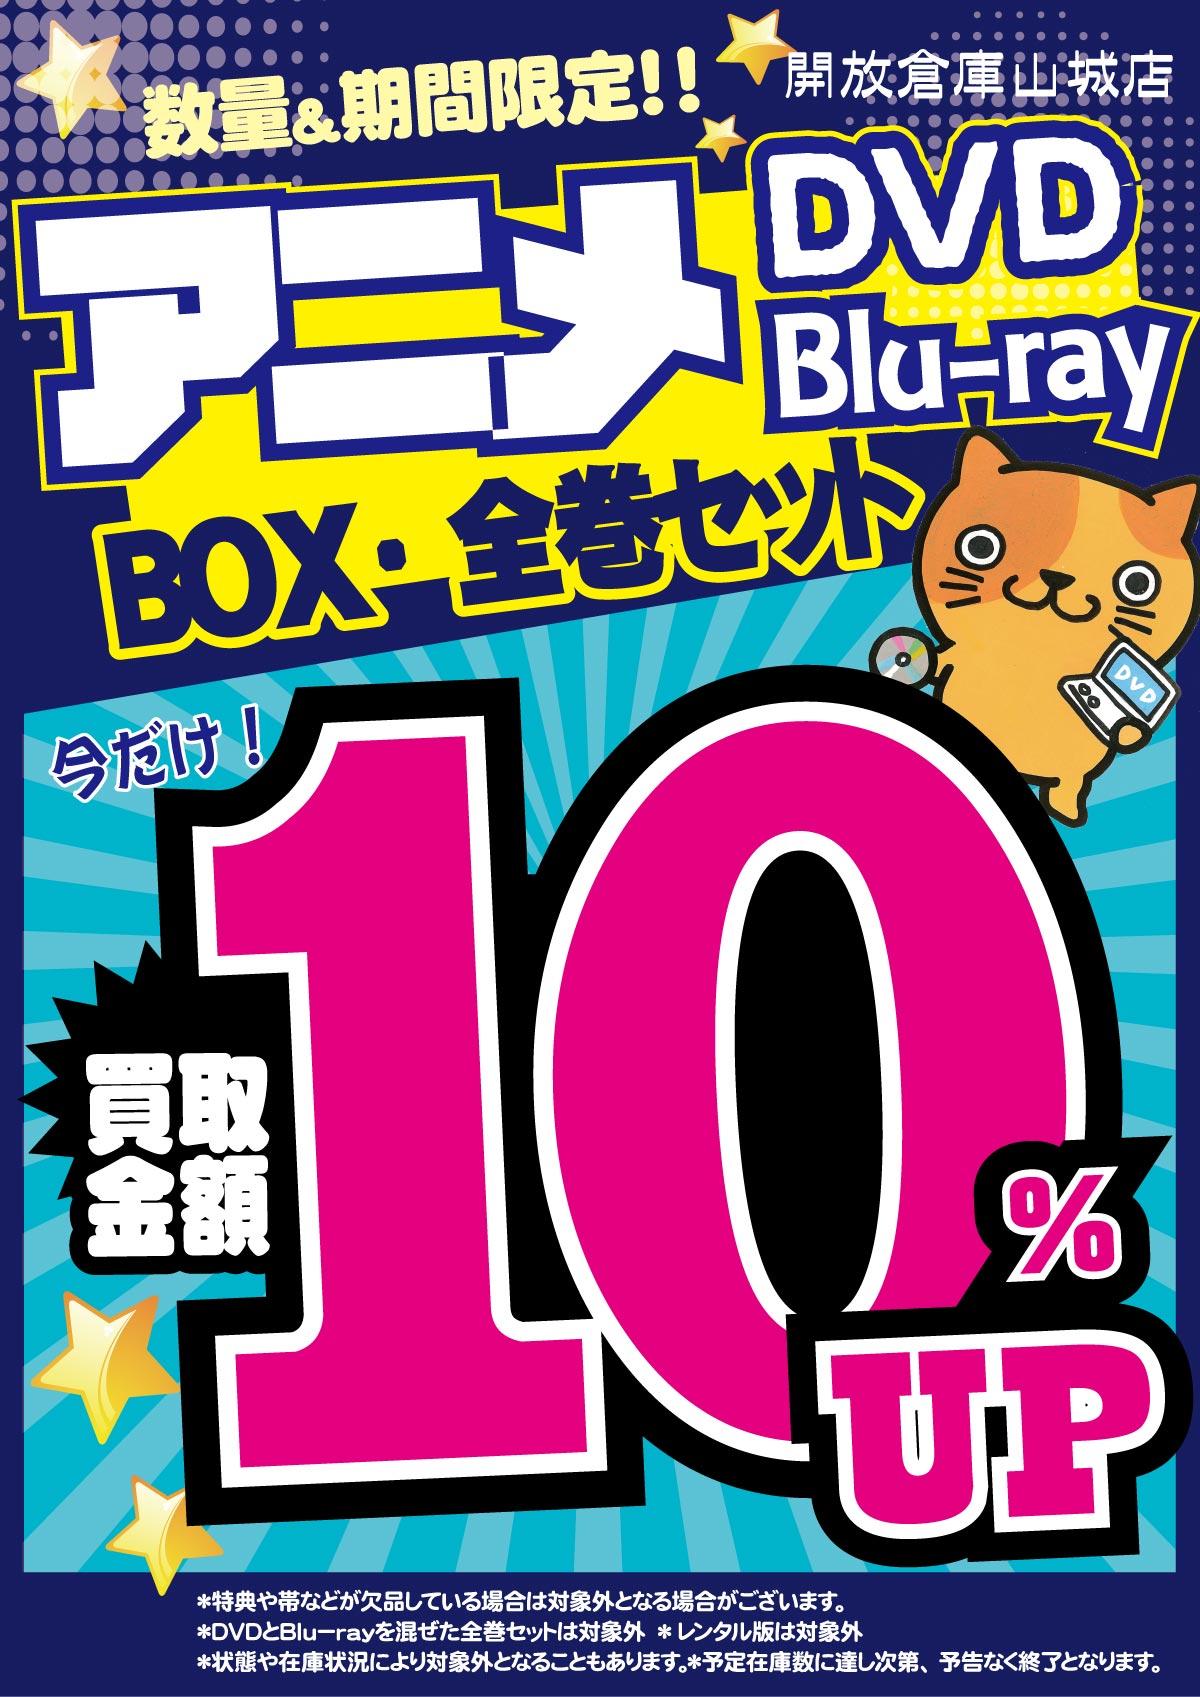 「開放倉庫山城店」DVD/Blu-rayコーナーより、アニメDVD・Blu-rayBOX・全巻セット、今だけ!買取金額10%アップ!(数量&期間限定)開催中!!